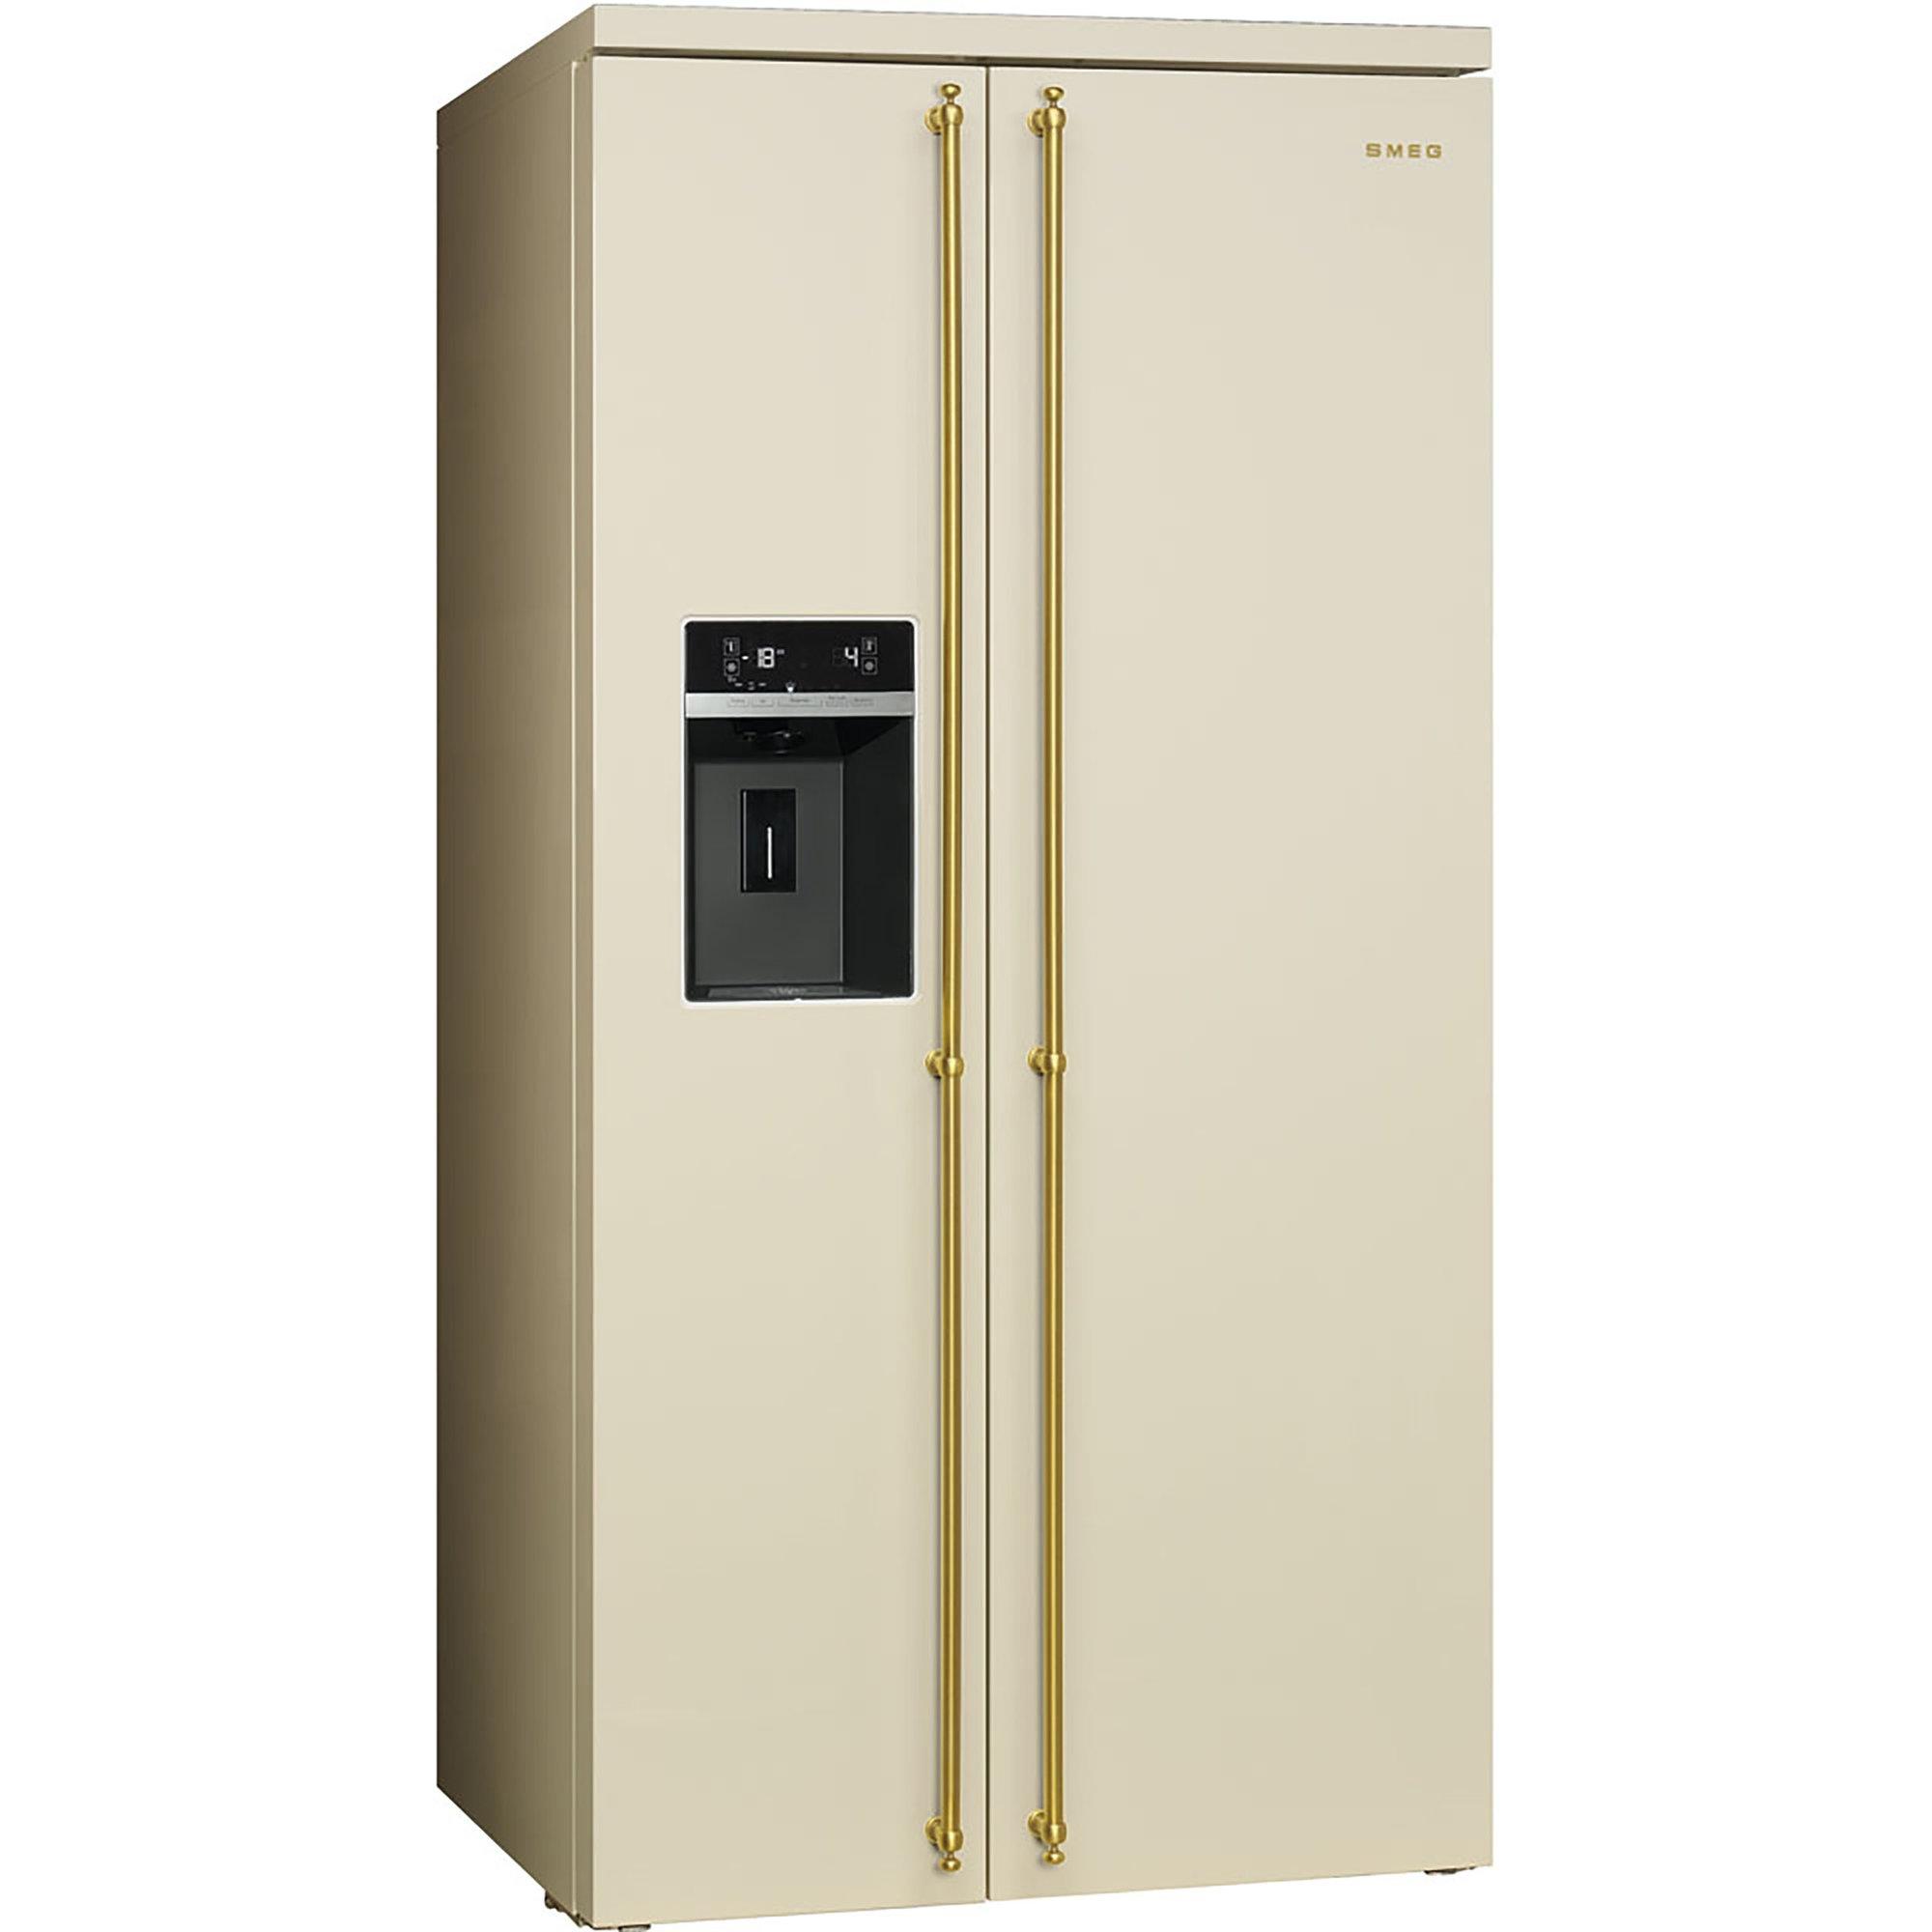 Smeg Colonial Side-by-Side Kylskåp/frys i Creme med Handtag i Guld